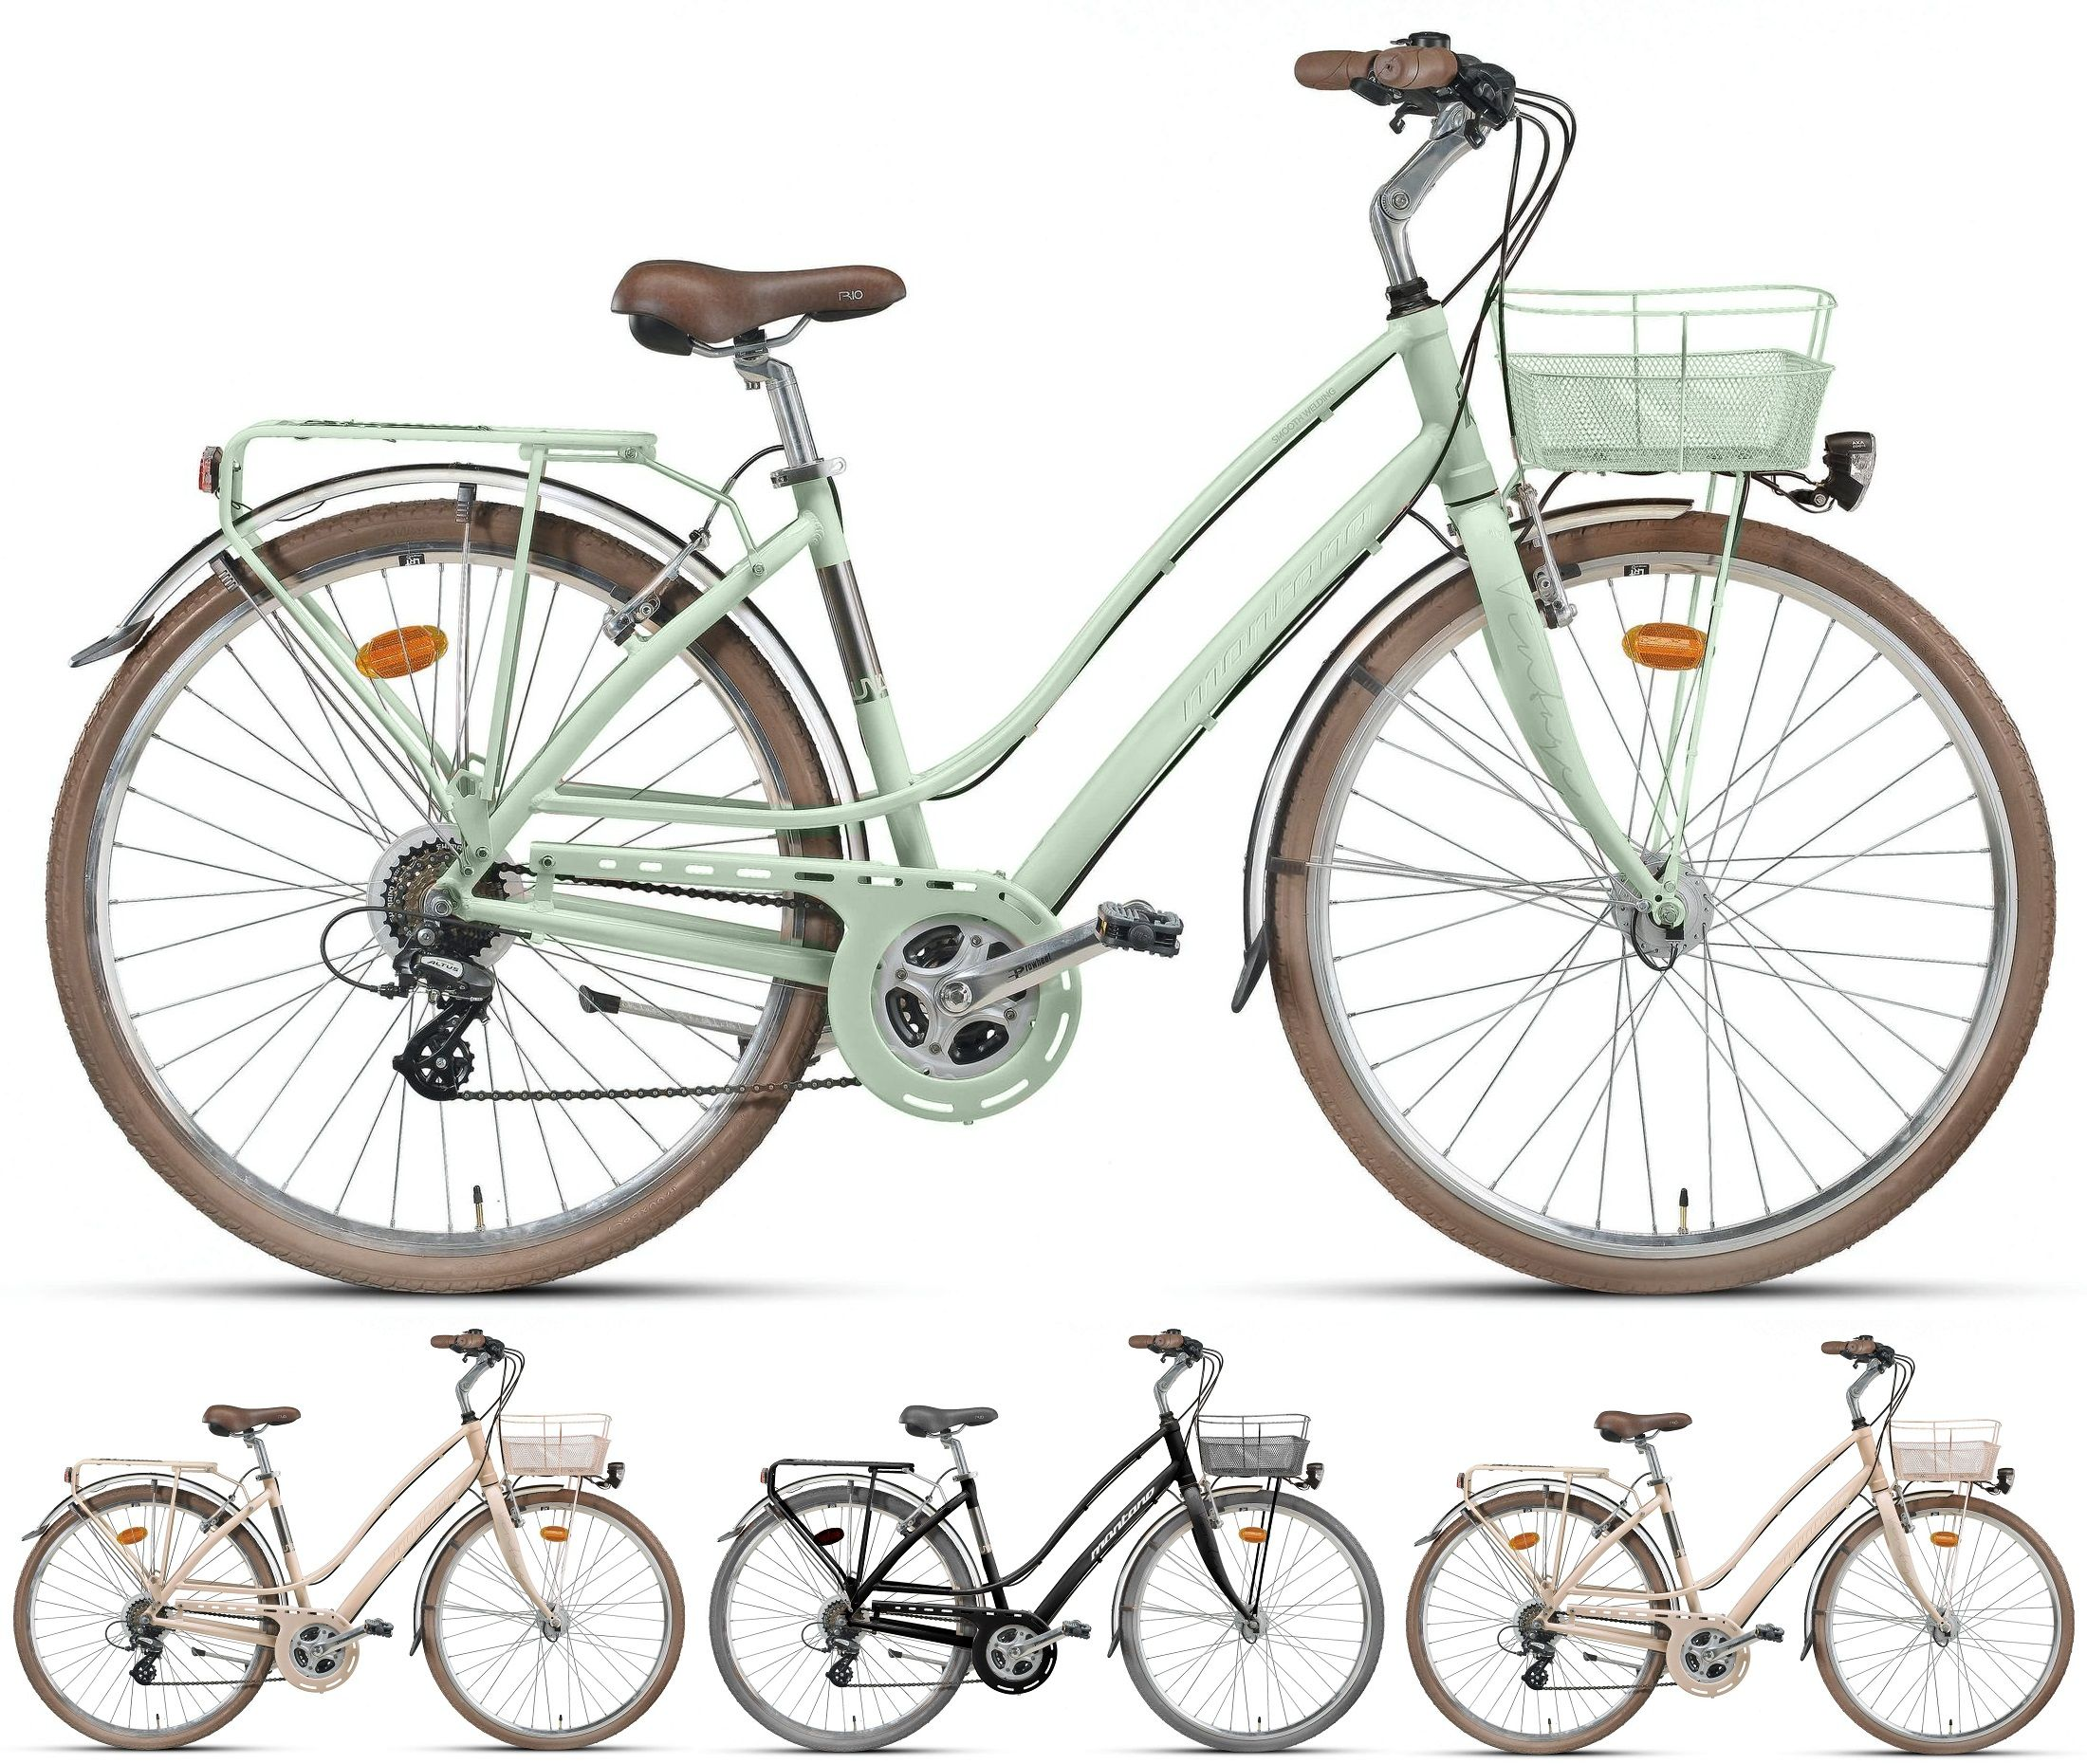 28 Zoll Montana Lunapiena Damen City Fahrrad Aluminium 21 Gang Fahrrader Cityrader Damen Cityrader City Fahrrad Fahrrad Rad